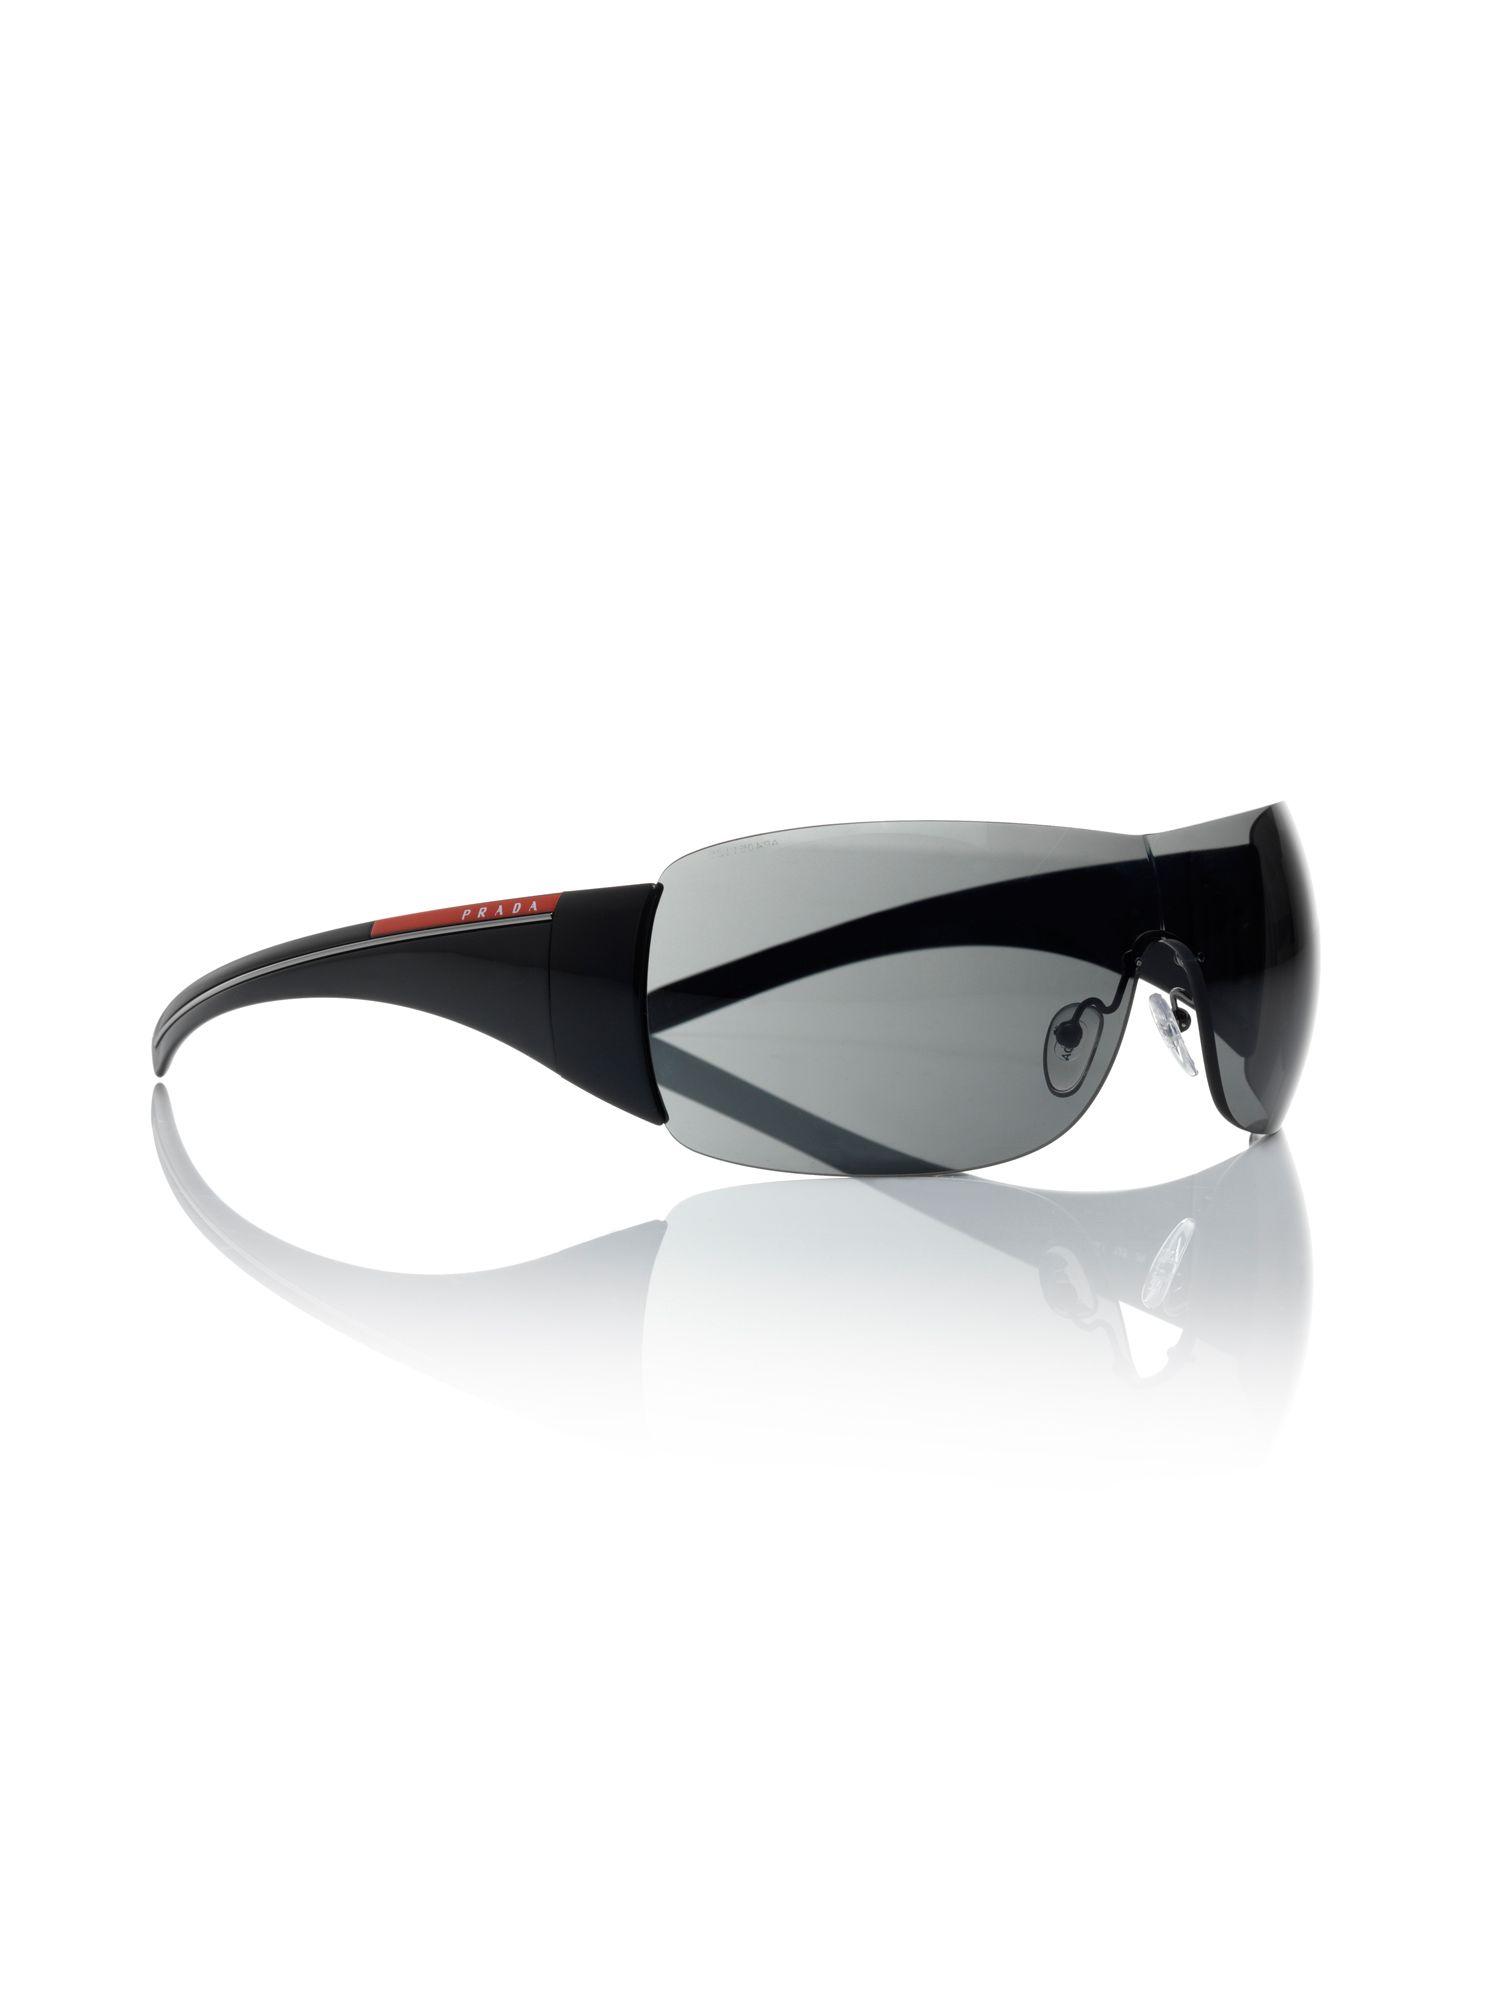 706b77d9ac3 Prada Sport Linea Rossa Men s Sunglasses